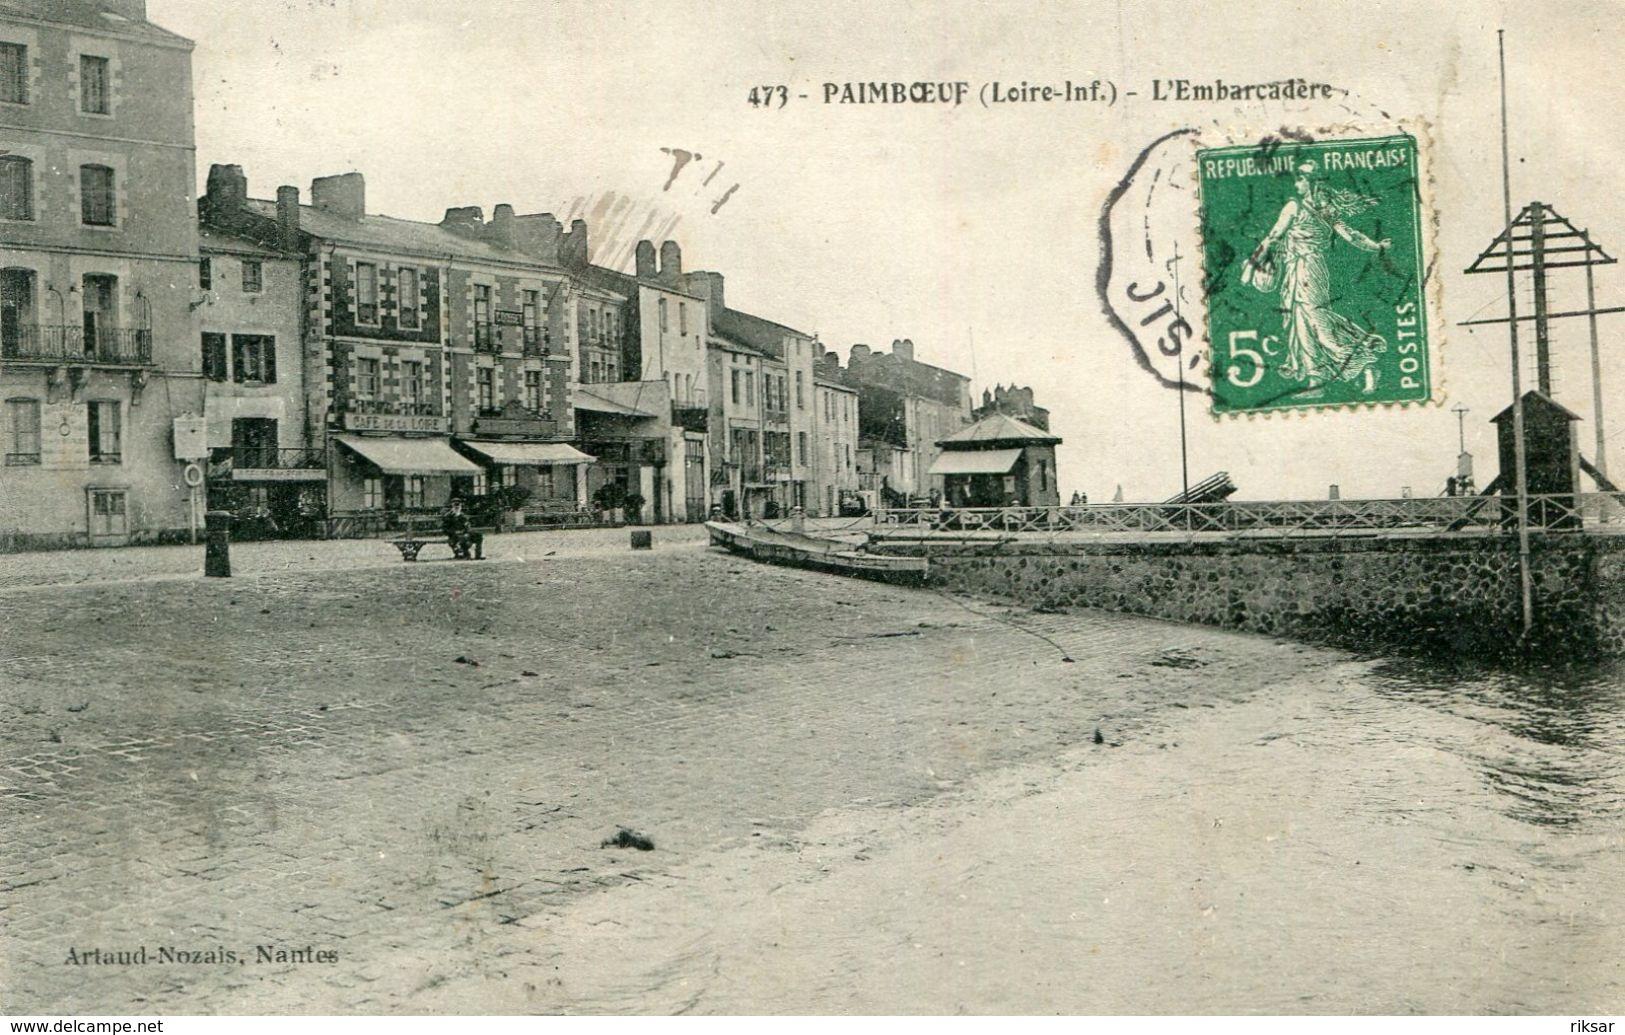 PAIMBOEUF - Paimboeuf